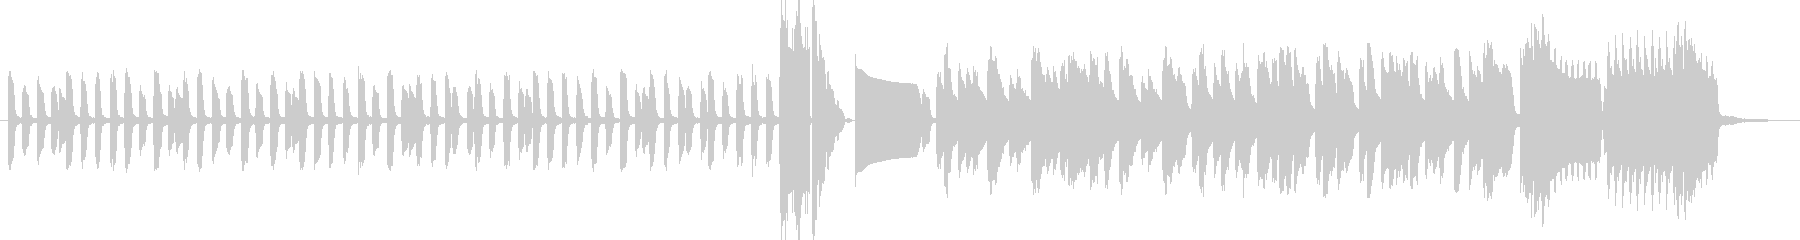 昔ながらのレトロゲームサウンドの未再生の波形